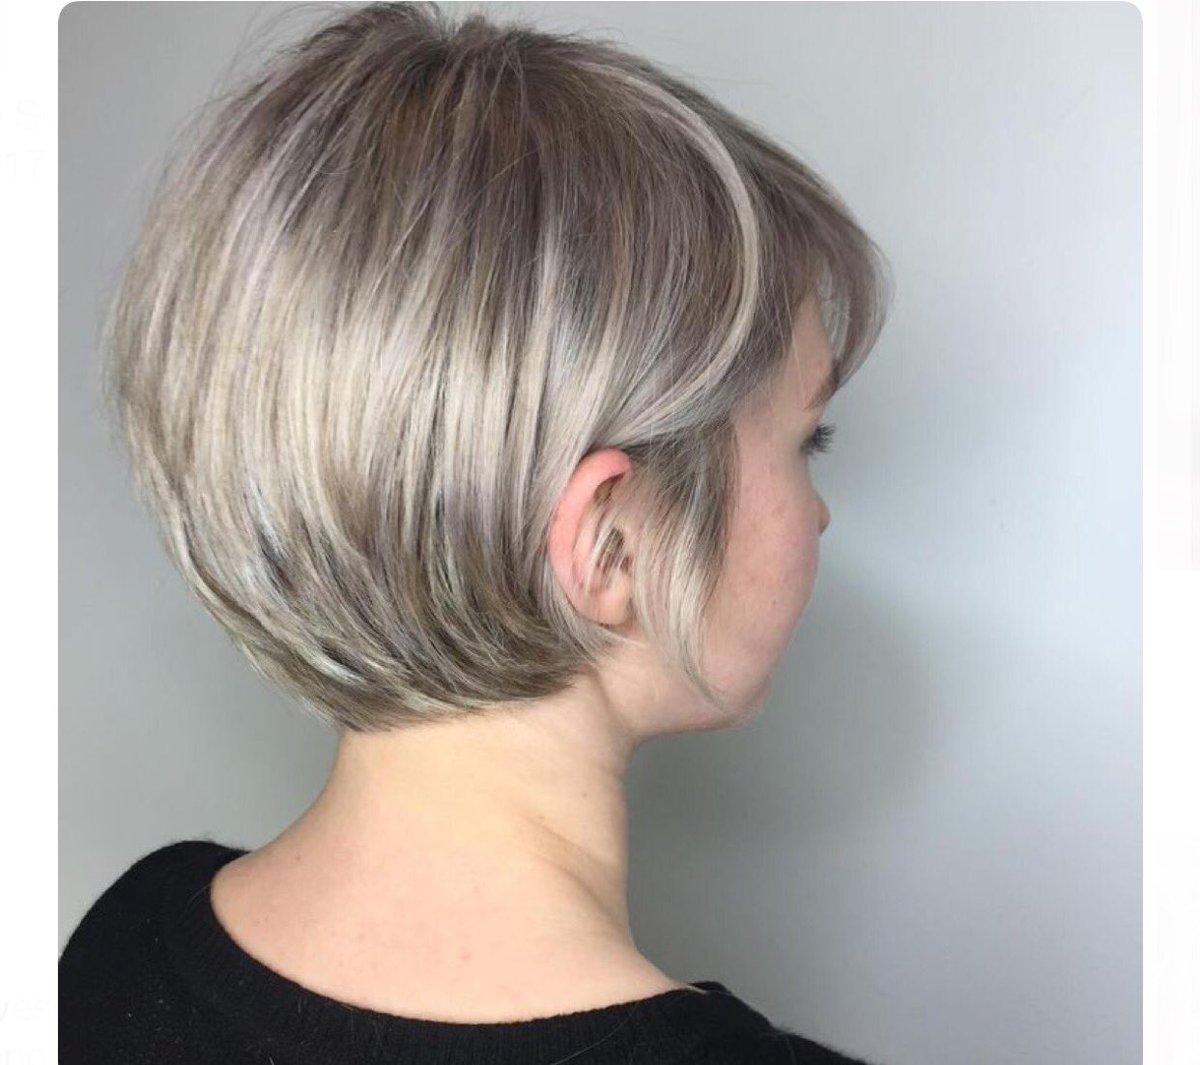 بالصور اجمل قصات الشعر القصير , اروع تصميمات الشعر الجديده 10525 12